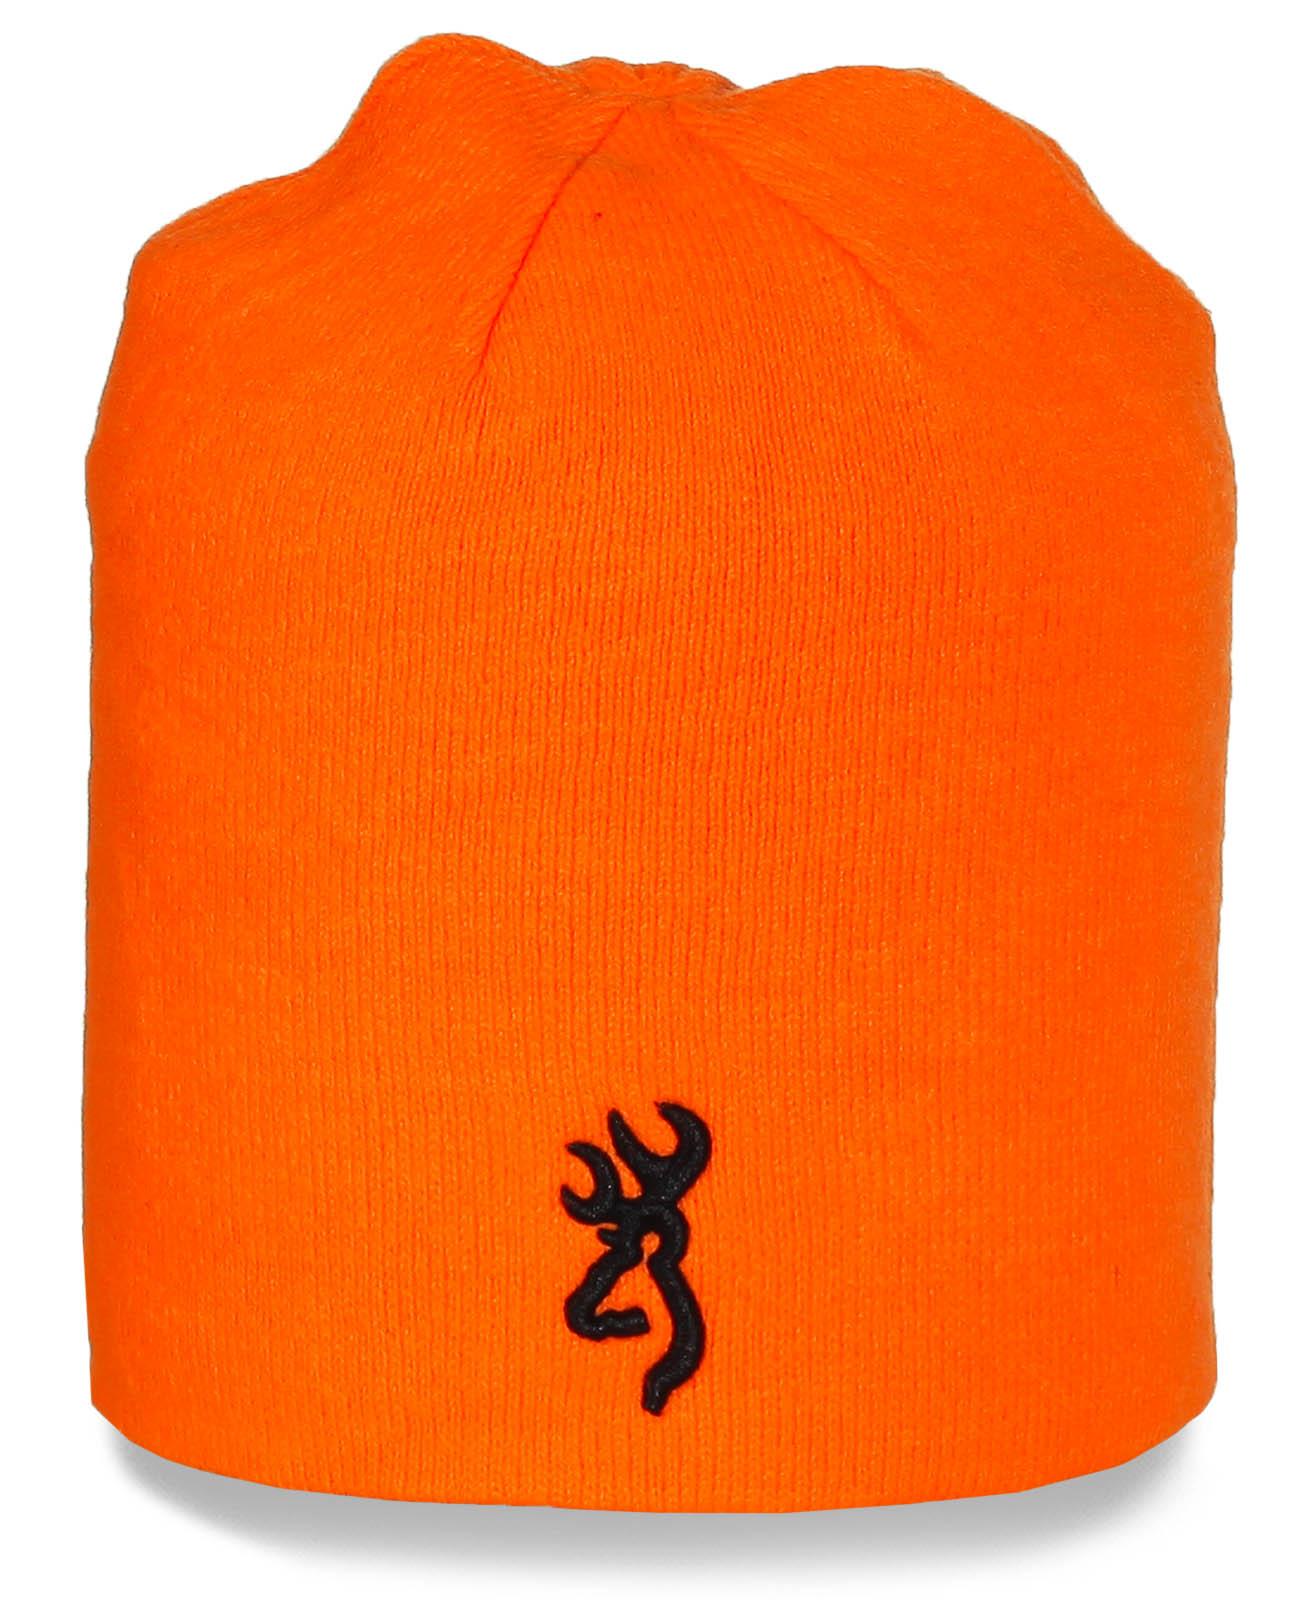 Брендовая шапка Browning яркого цвета. Стильная модель, отличное качество